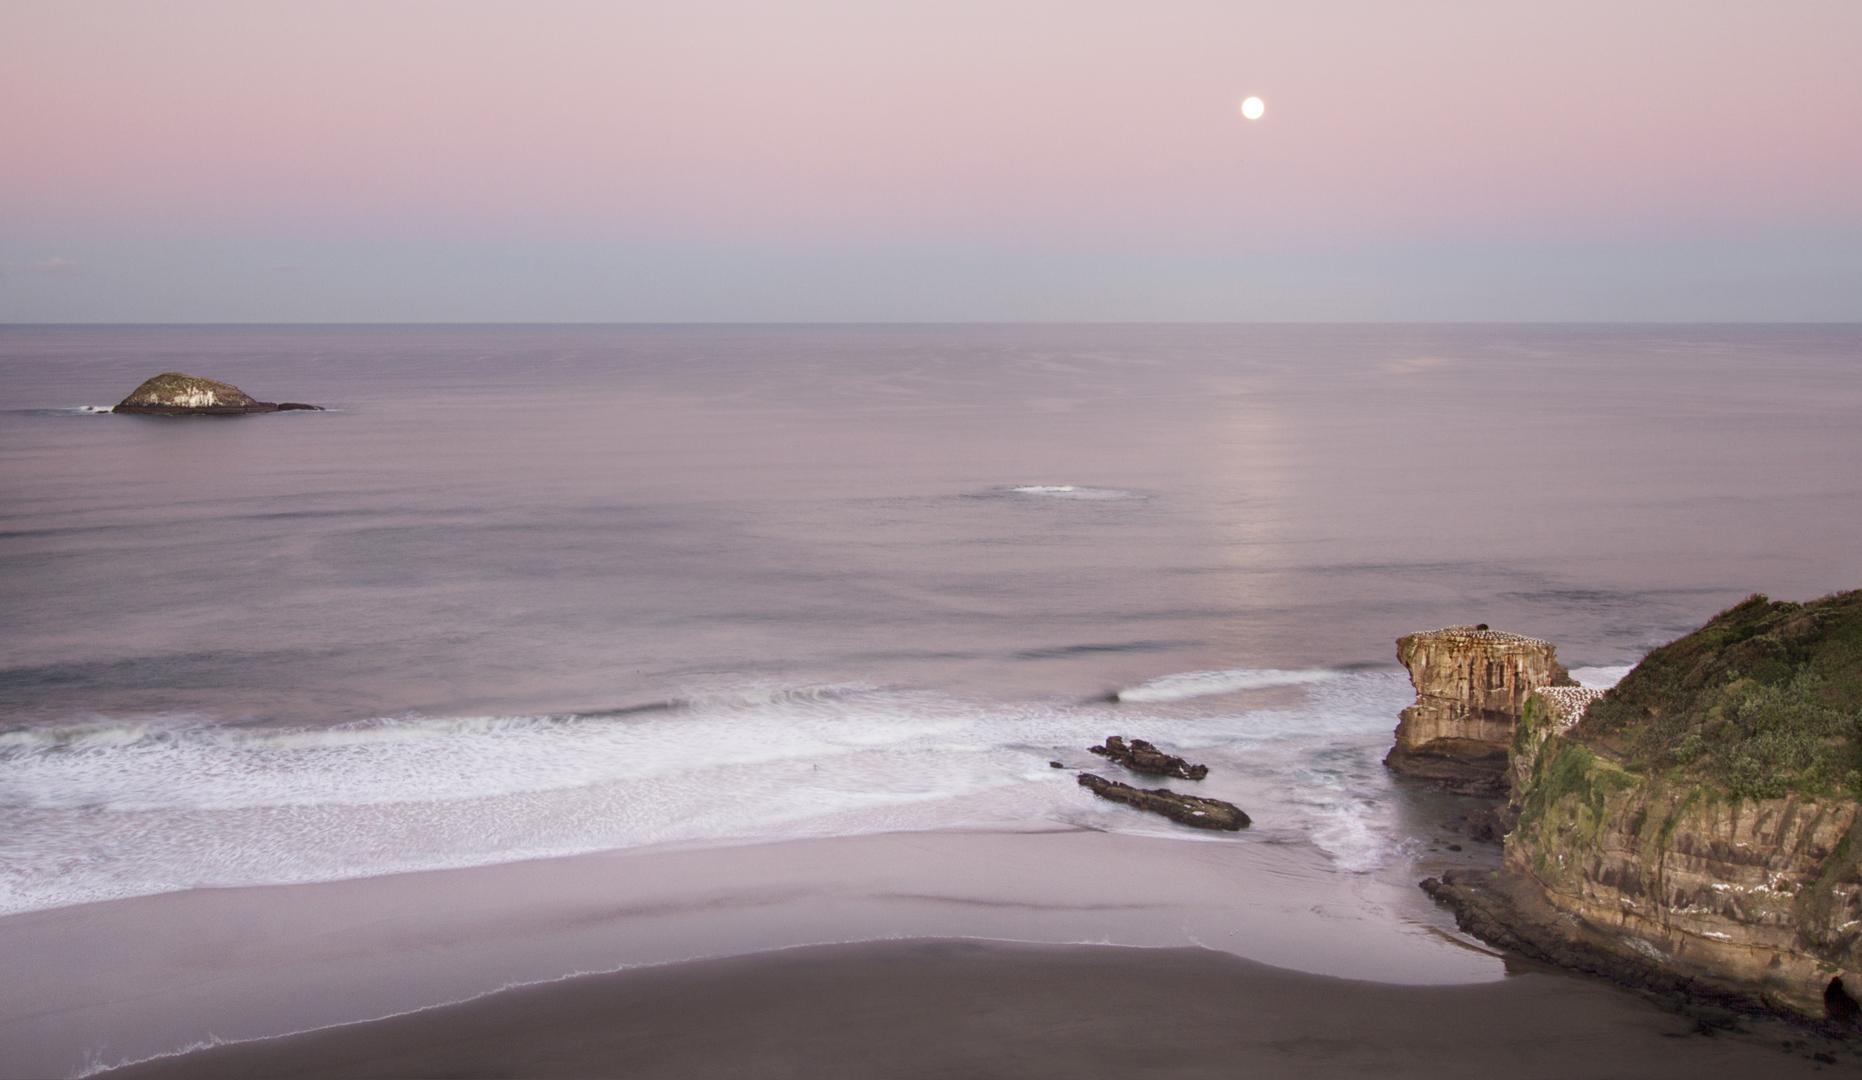 Moonset at Muriwai